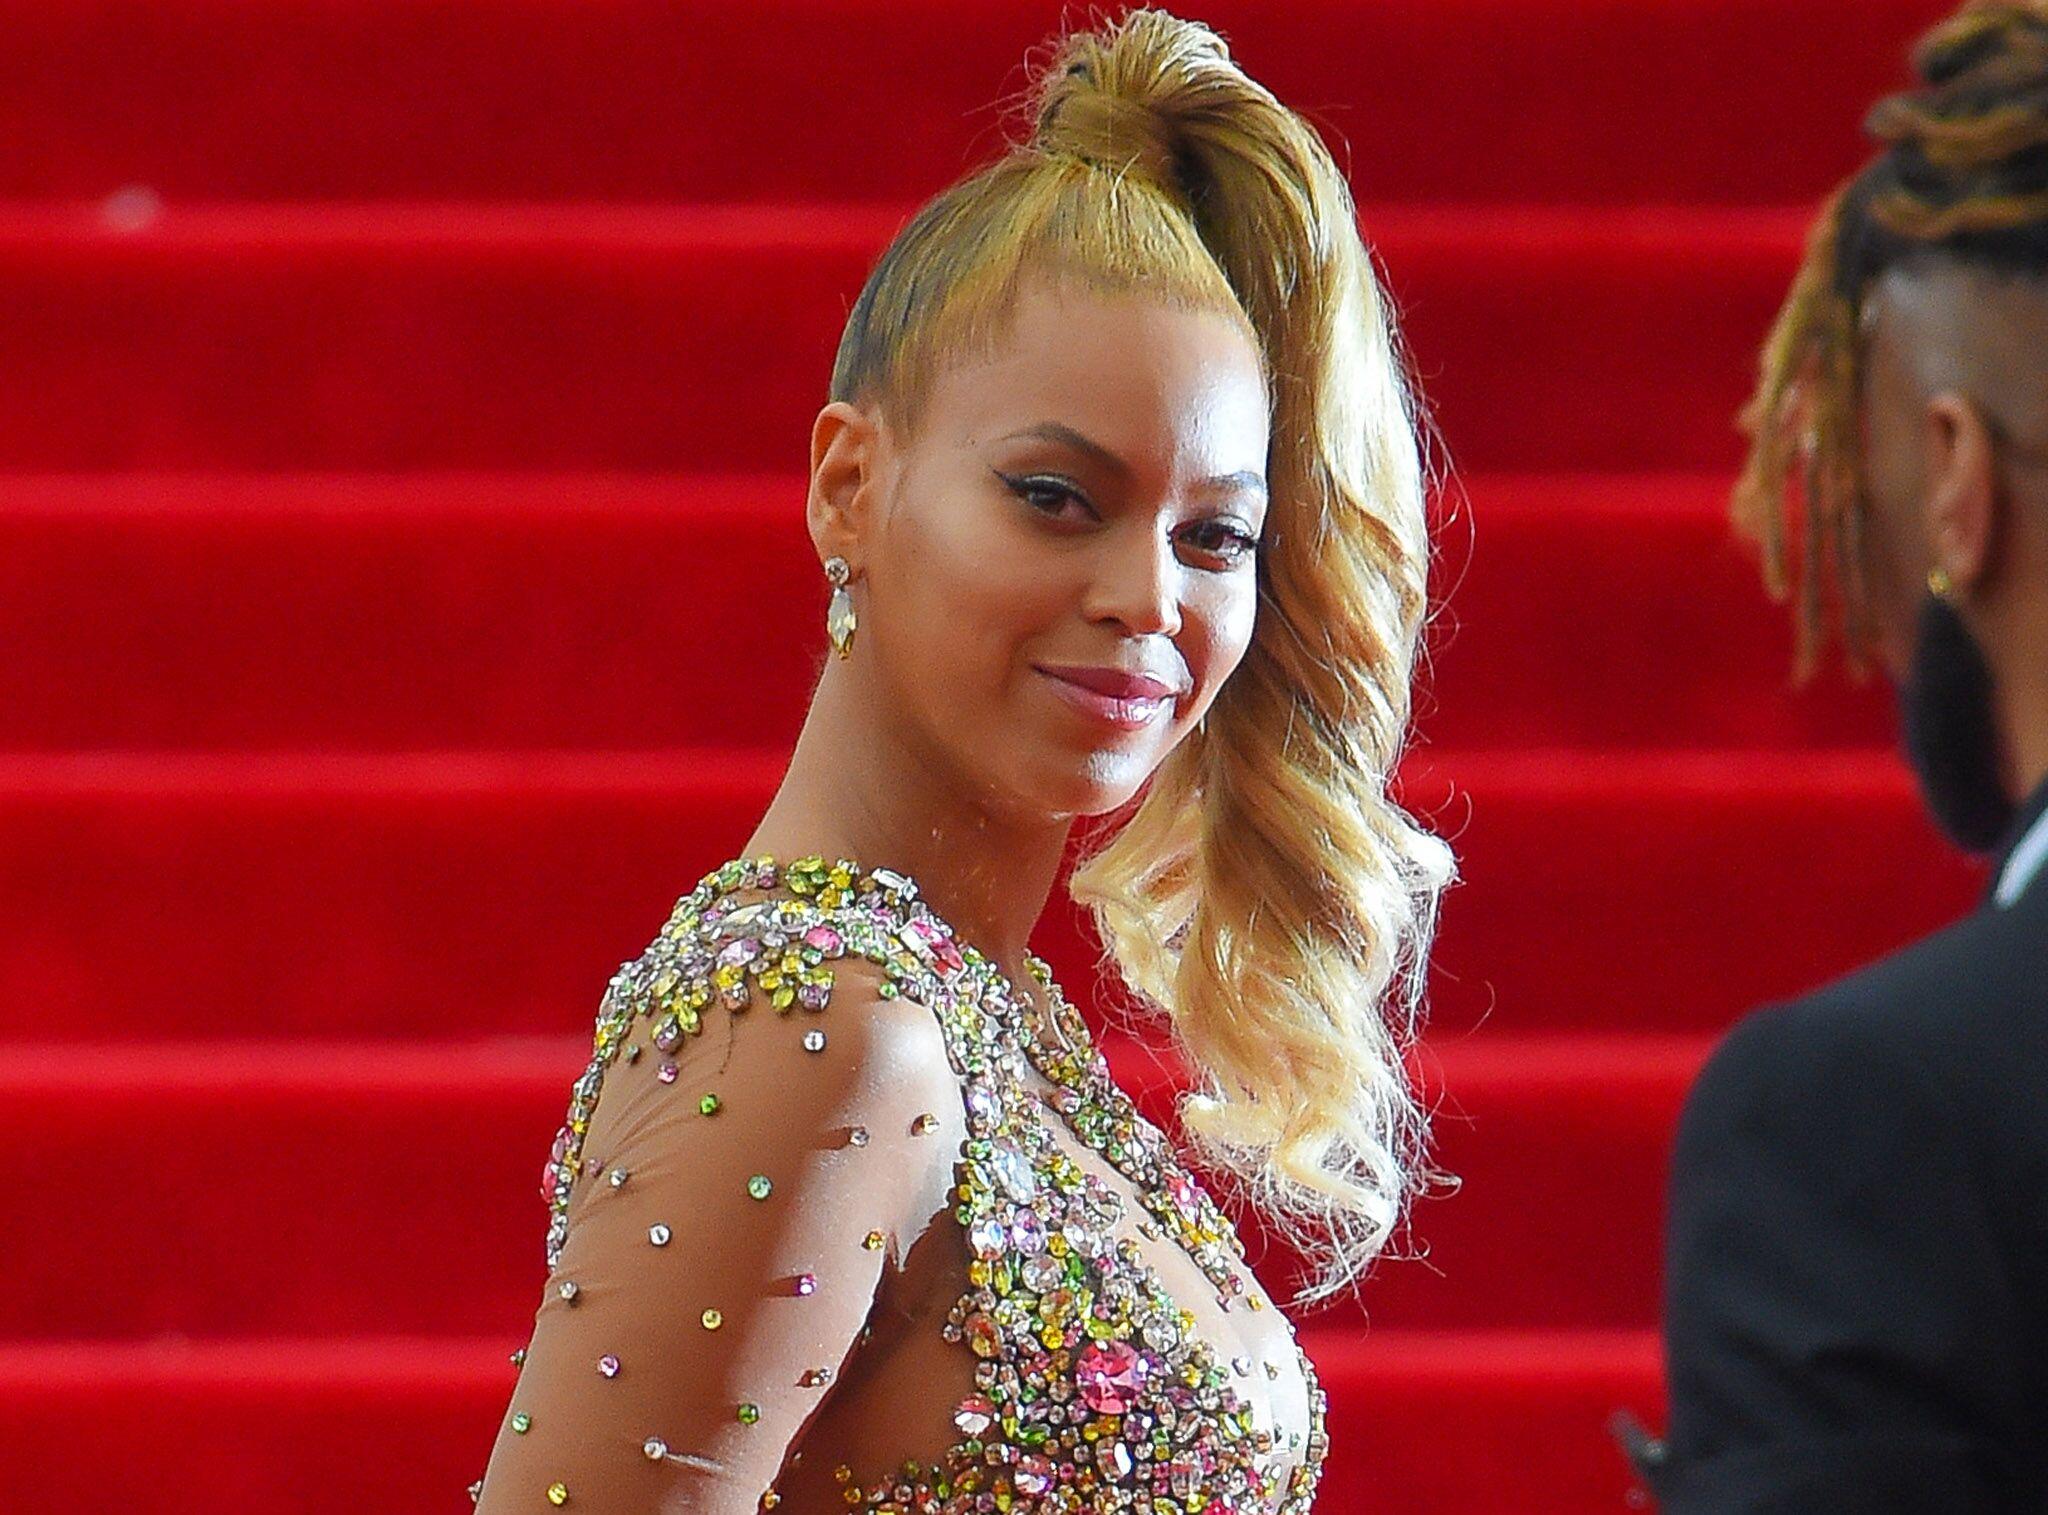 À Des S'offre Voici 000 En Euros Chaussures 280 Beyoncé Diamants cl1TKFJ